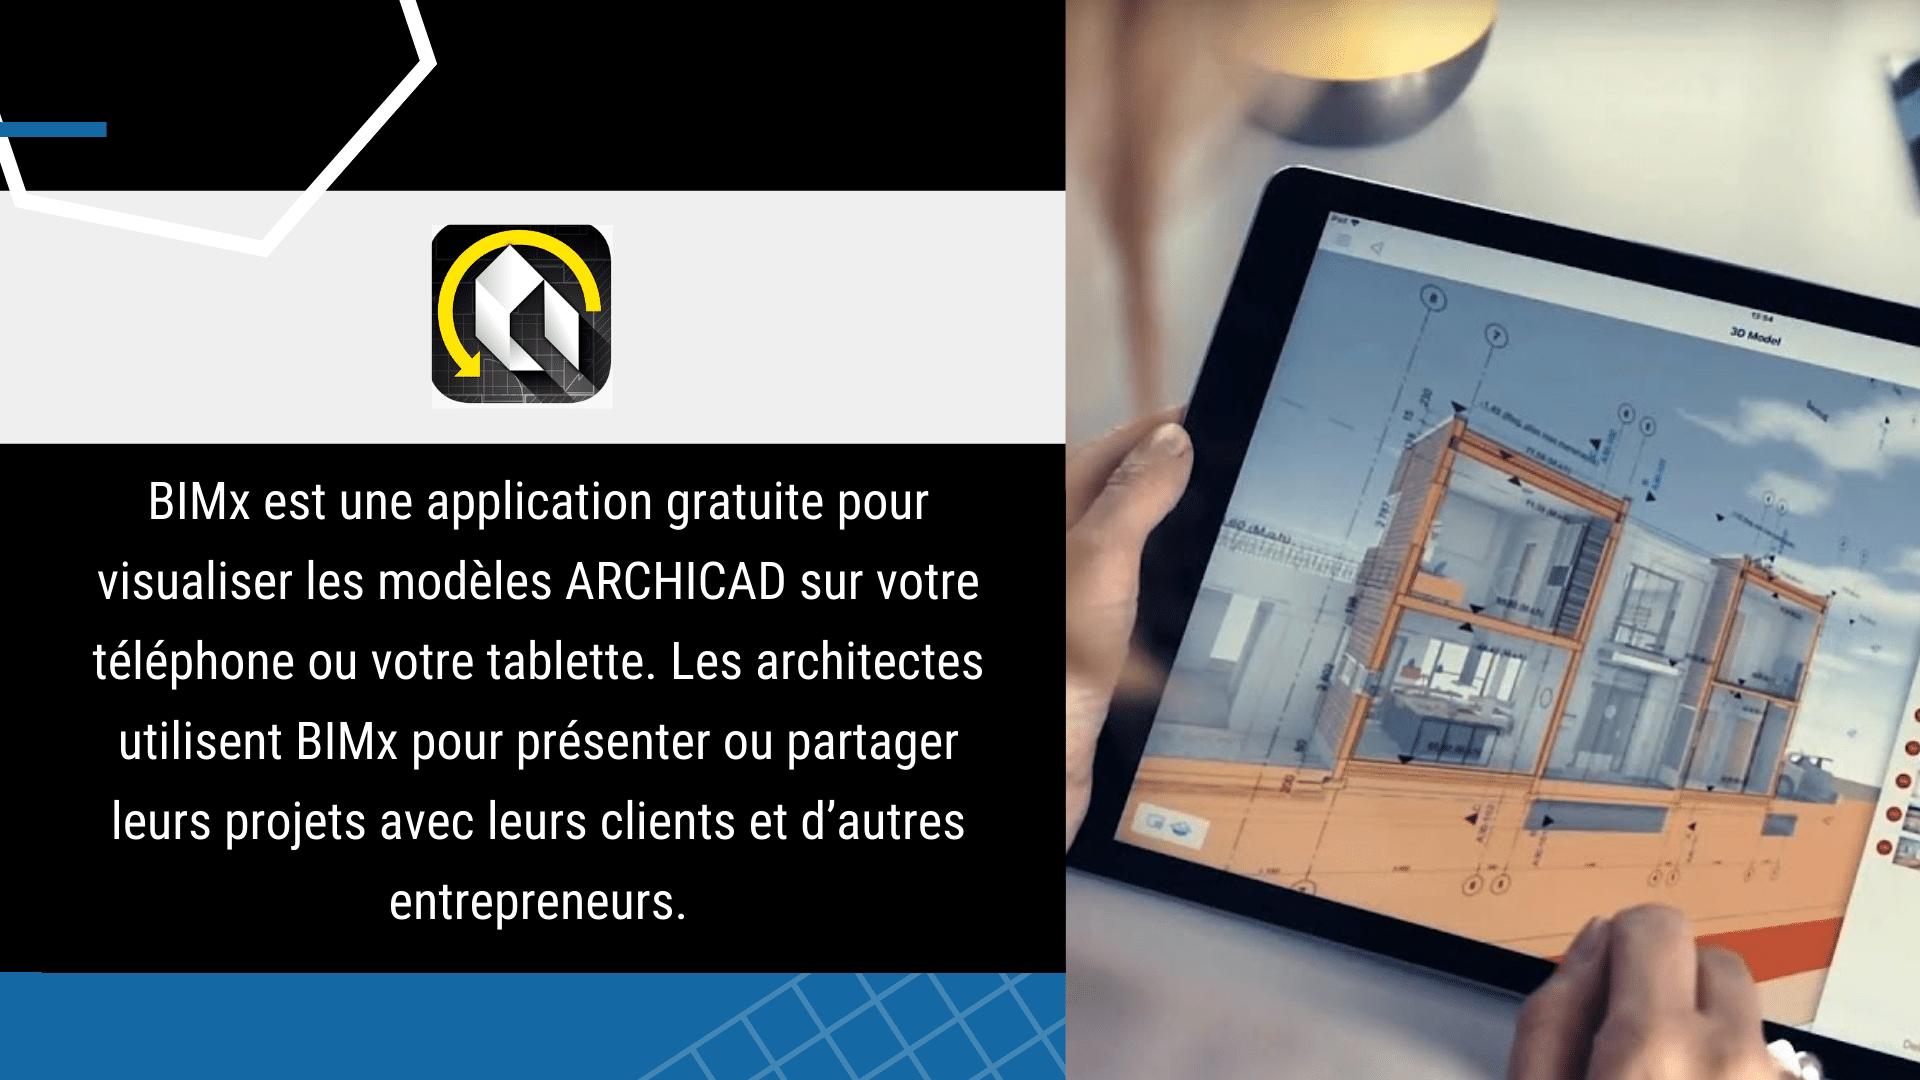 17 Applications de Construction Gratuites - Outils sur votre smartphone | BIMx via ArchiSnapper